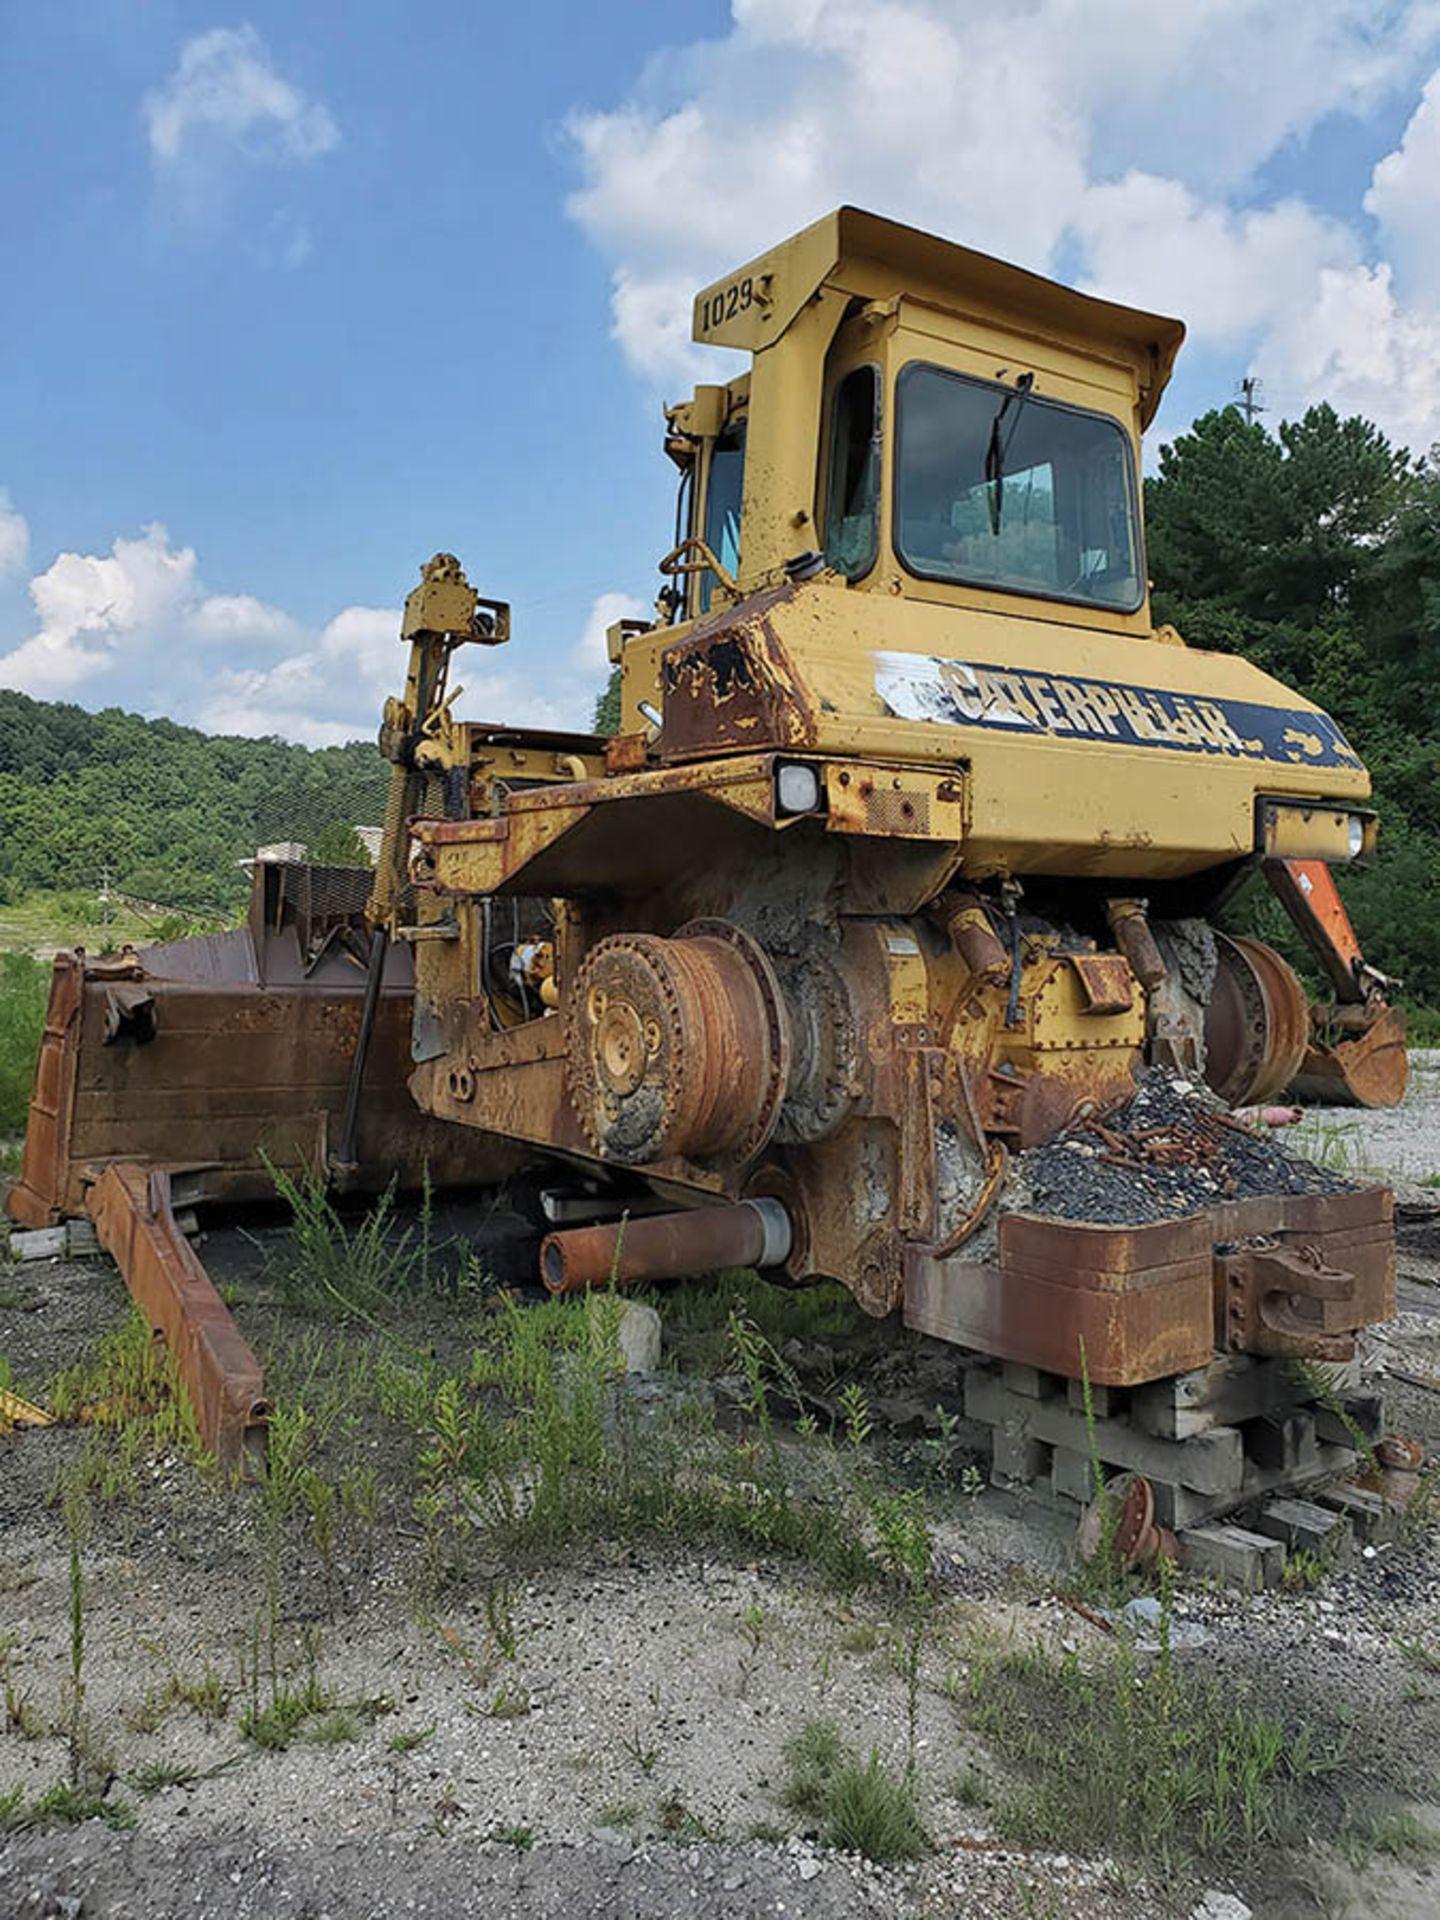 Lot 110 - CATERPILLAR D9N DOZER, CAT 3408 DIESEL ENGINE, S/N: 1JD01029, 46,326 HOURS SHOWING, 14' WIDE DOZER